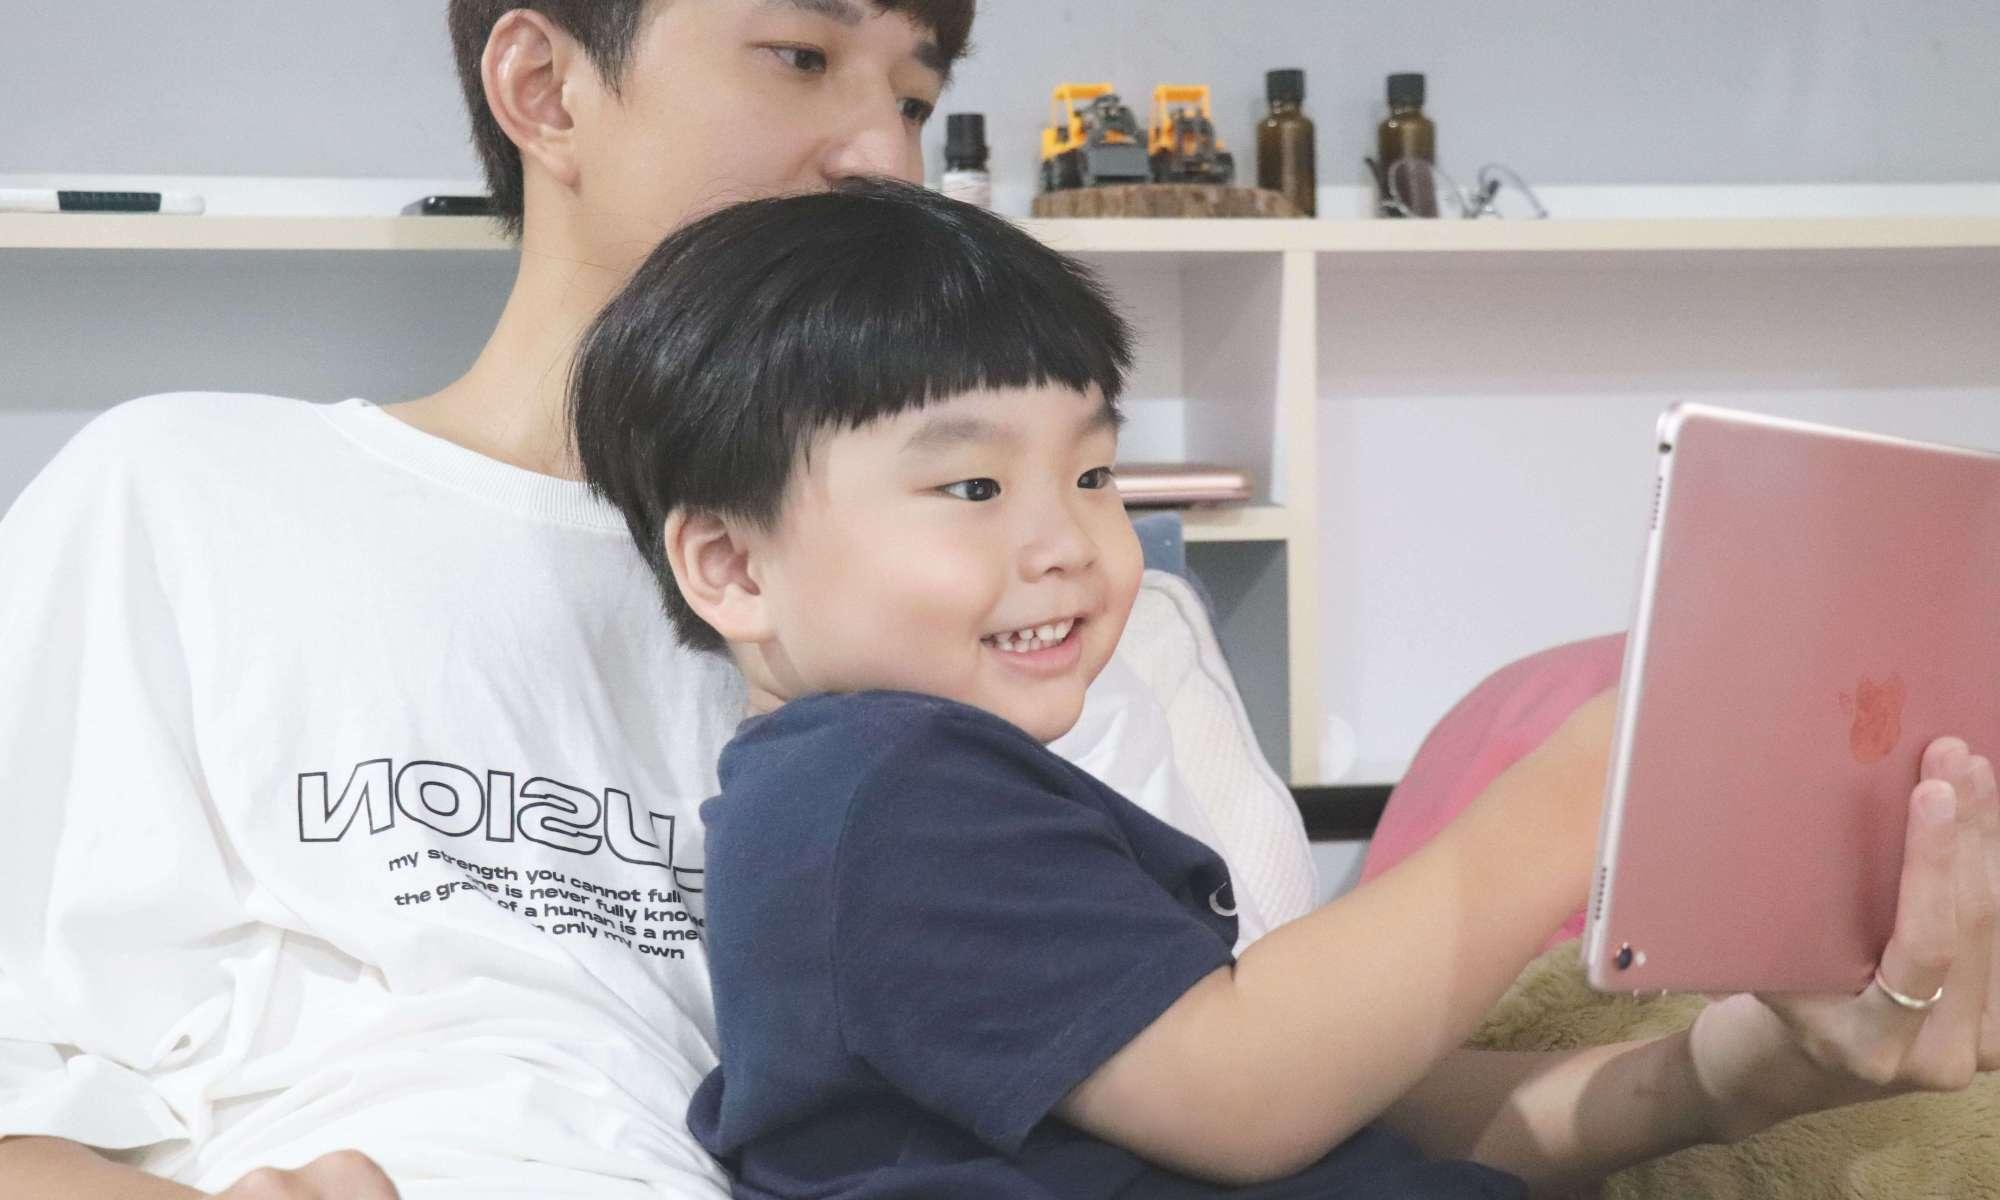 不讀幼兒園行不行?OiKID,道地英語線上教學,兒童在家自學也能很厲害!